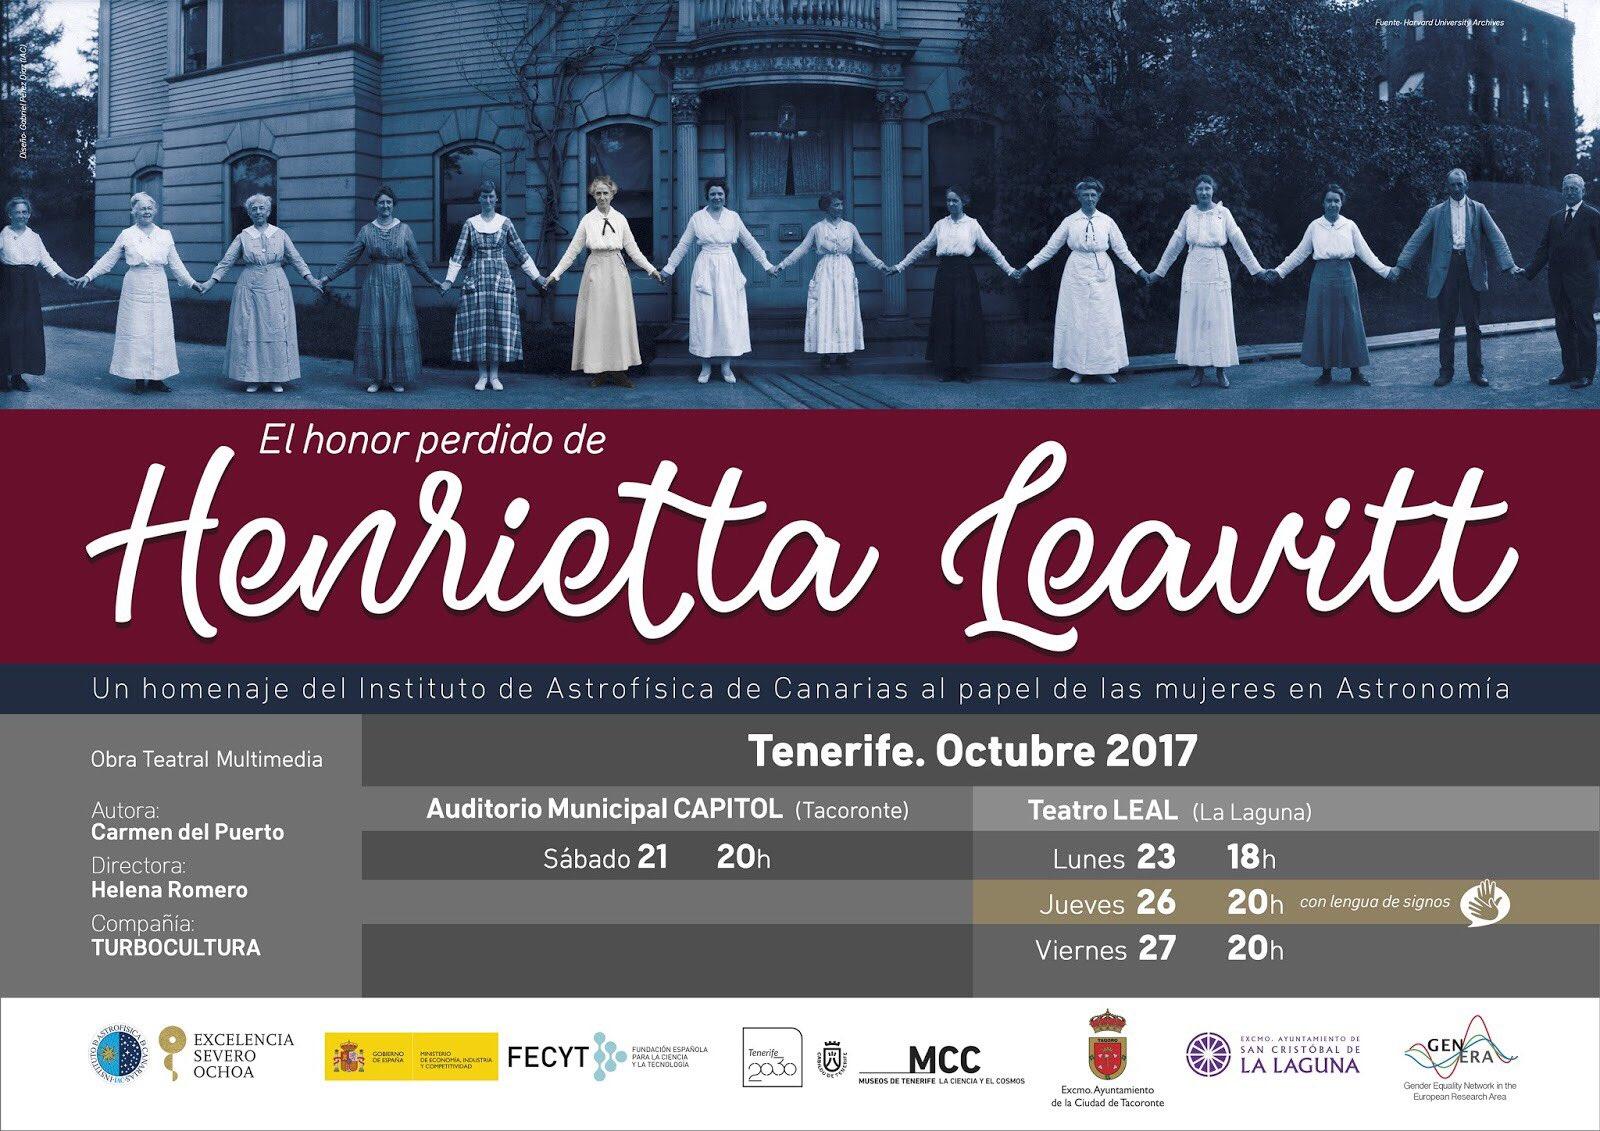 """""""El honor perdido de HENRIETTA LEVAITT"""" - Teatro con LSE el 26 oct., en Tenerife. DM1ppqHXUAE5e63"""